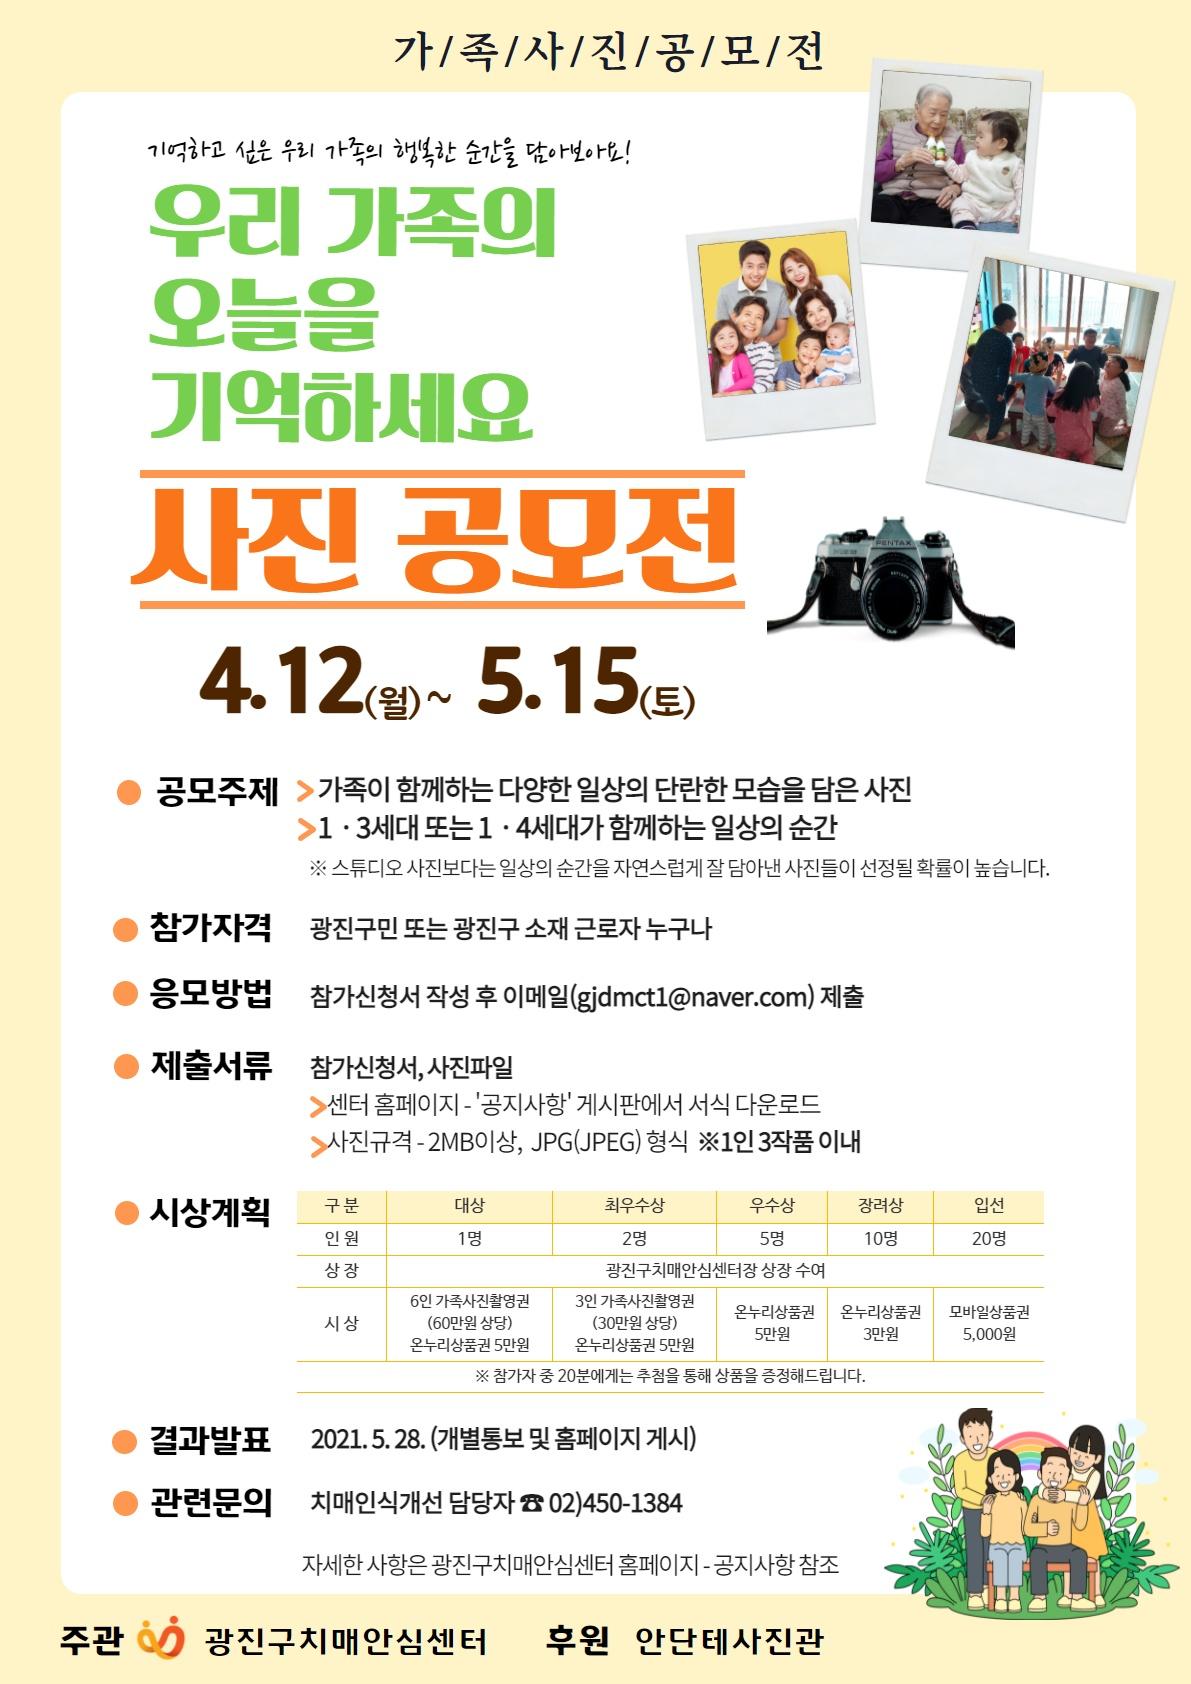 [참여광진] 2021 치매인식개선 가족사진 공모전 안내